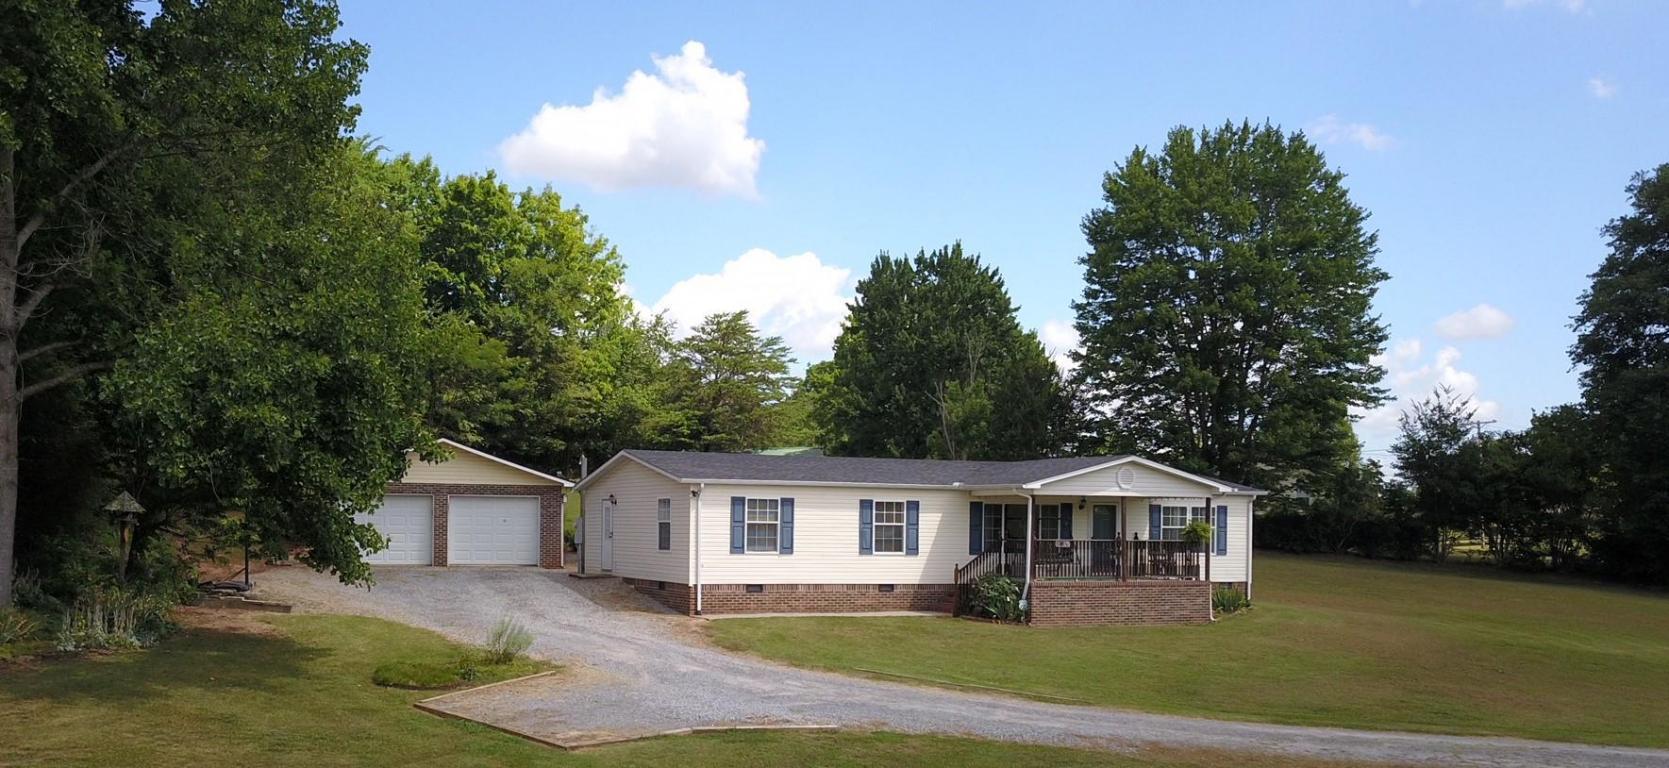 3609 Montvale Rd, Maryville, TN 37803